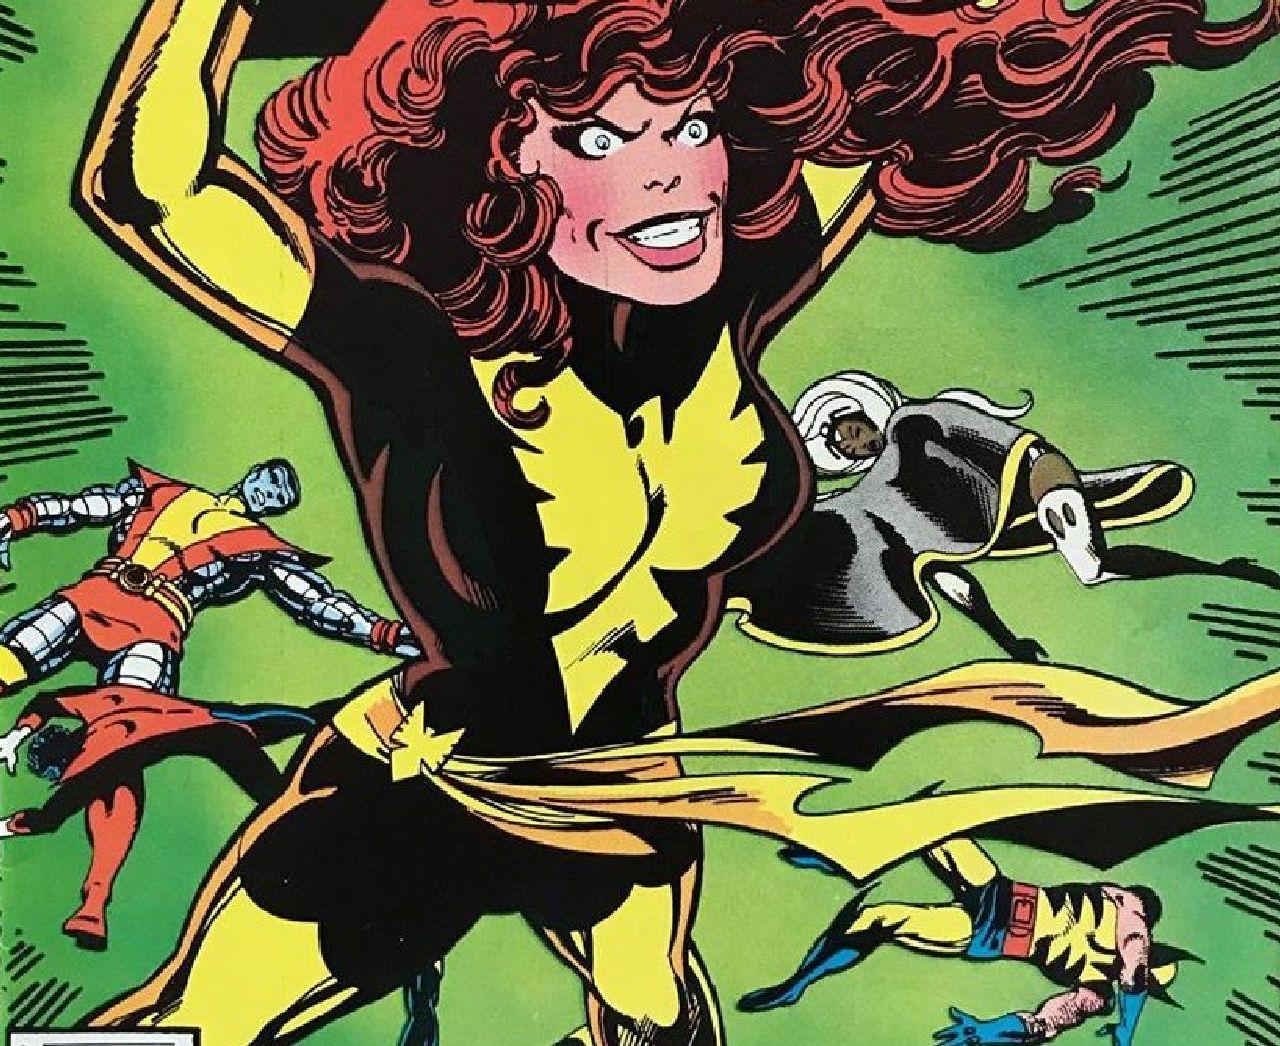 marvel comics mayores amenazas fénix oscura